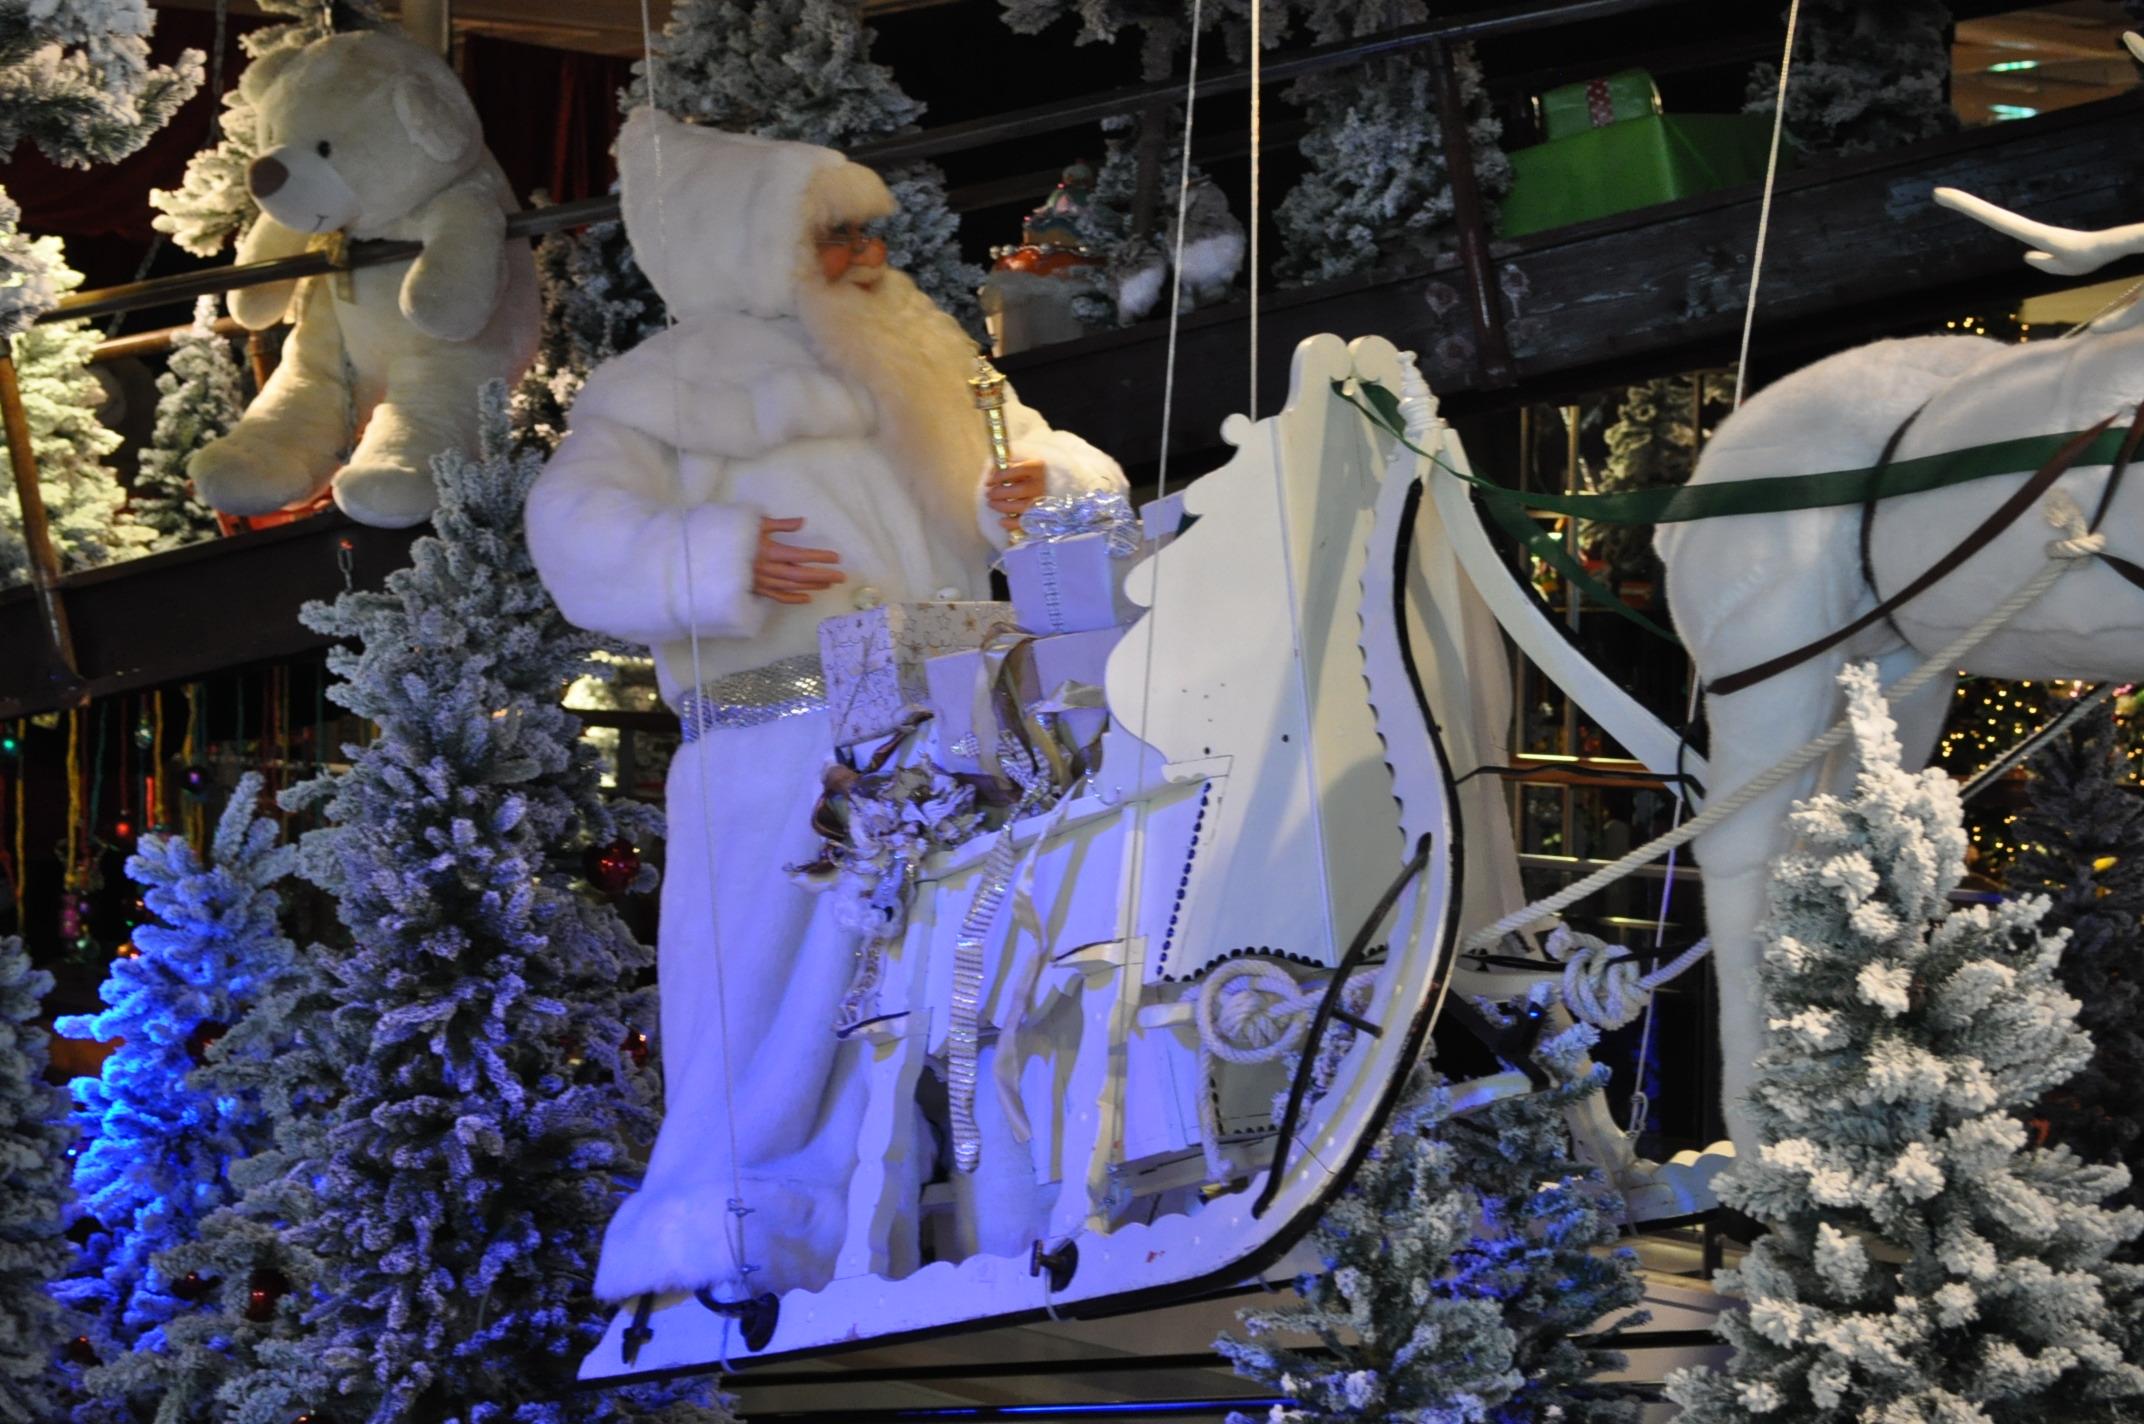 Kerstshow intratuin duiven 2013 een heuse kerstfabriek for Vacature intratuin